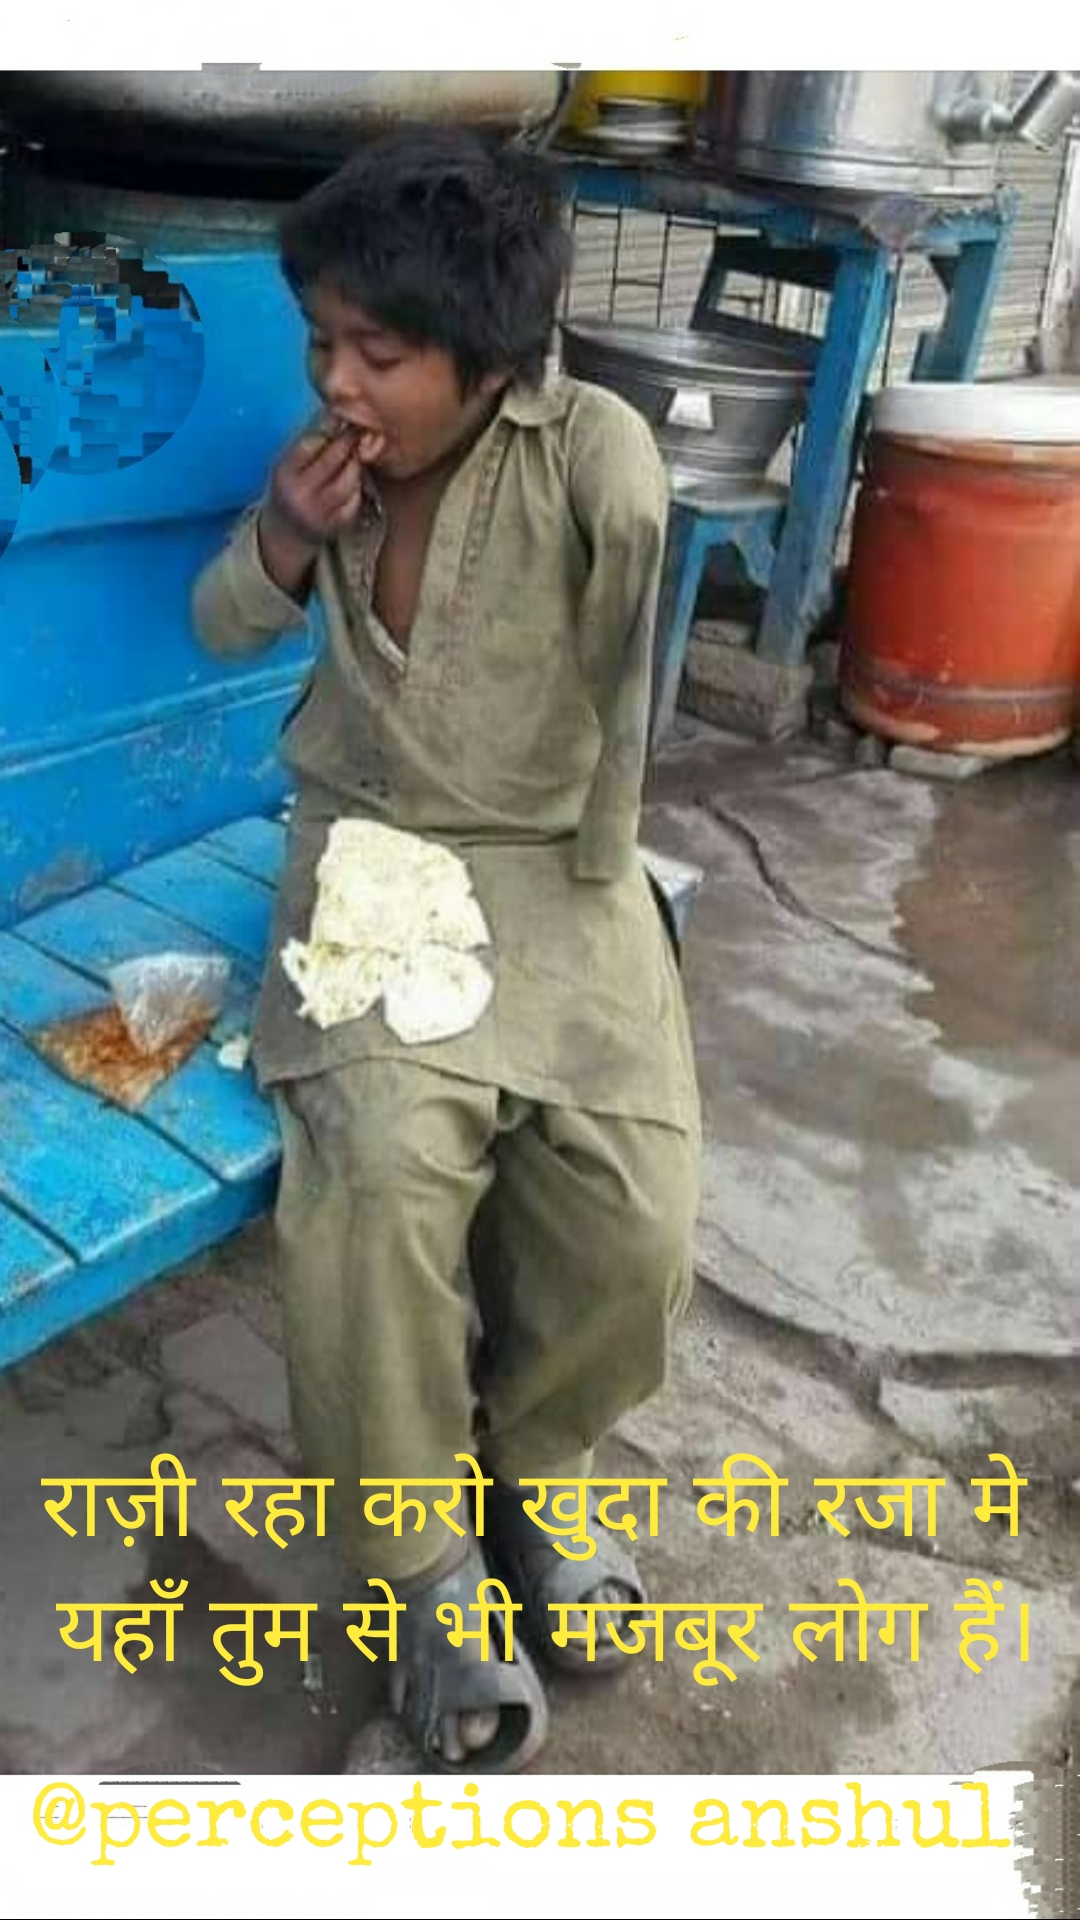 राज़ी रहा करो खुदा की रजा मे  यहाँ तुम से भी मजबूर लोग हैं।  @perceptions anshul